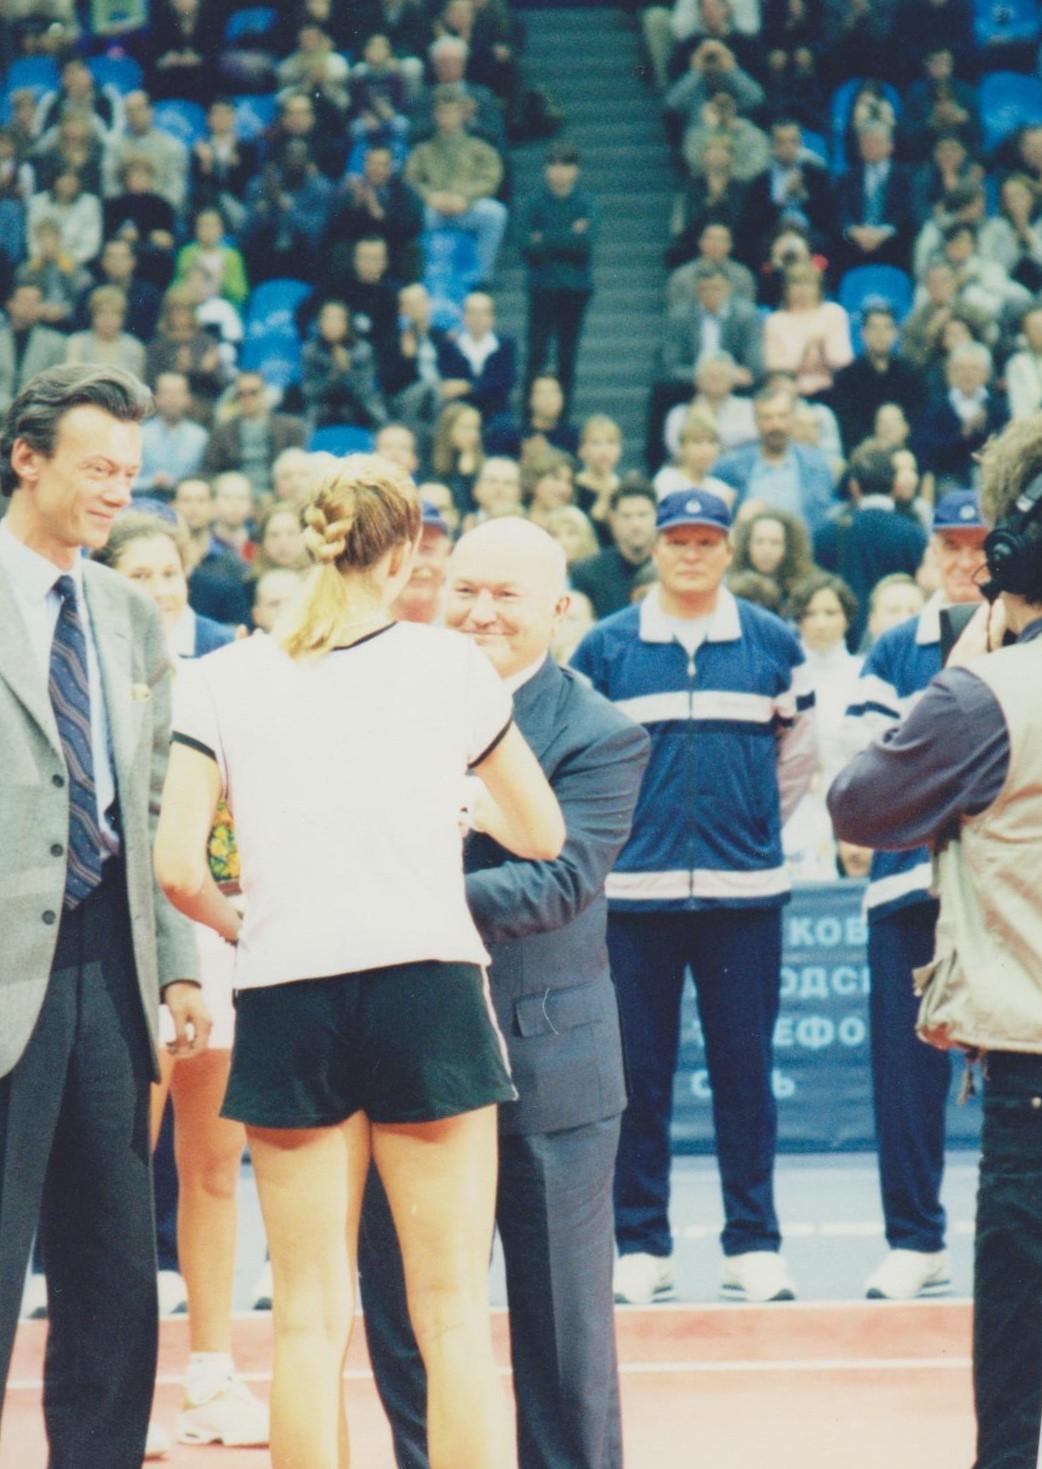 Пирс Мари (Франция) Победительница Кубка Кремля и Лужков Юрий Михайлович мэр города Москвы на церемонии награждения 1998